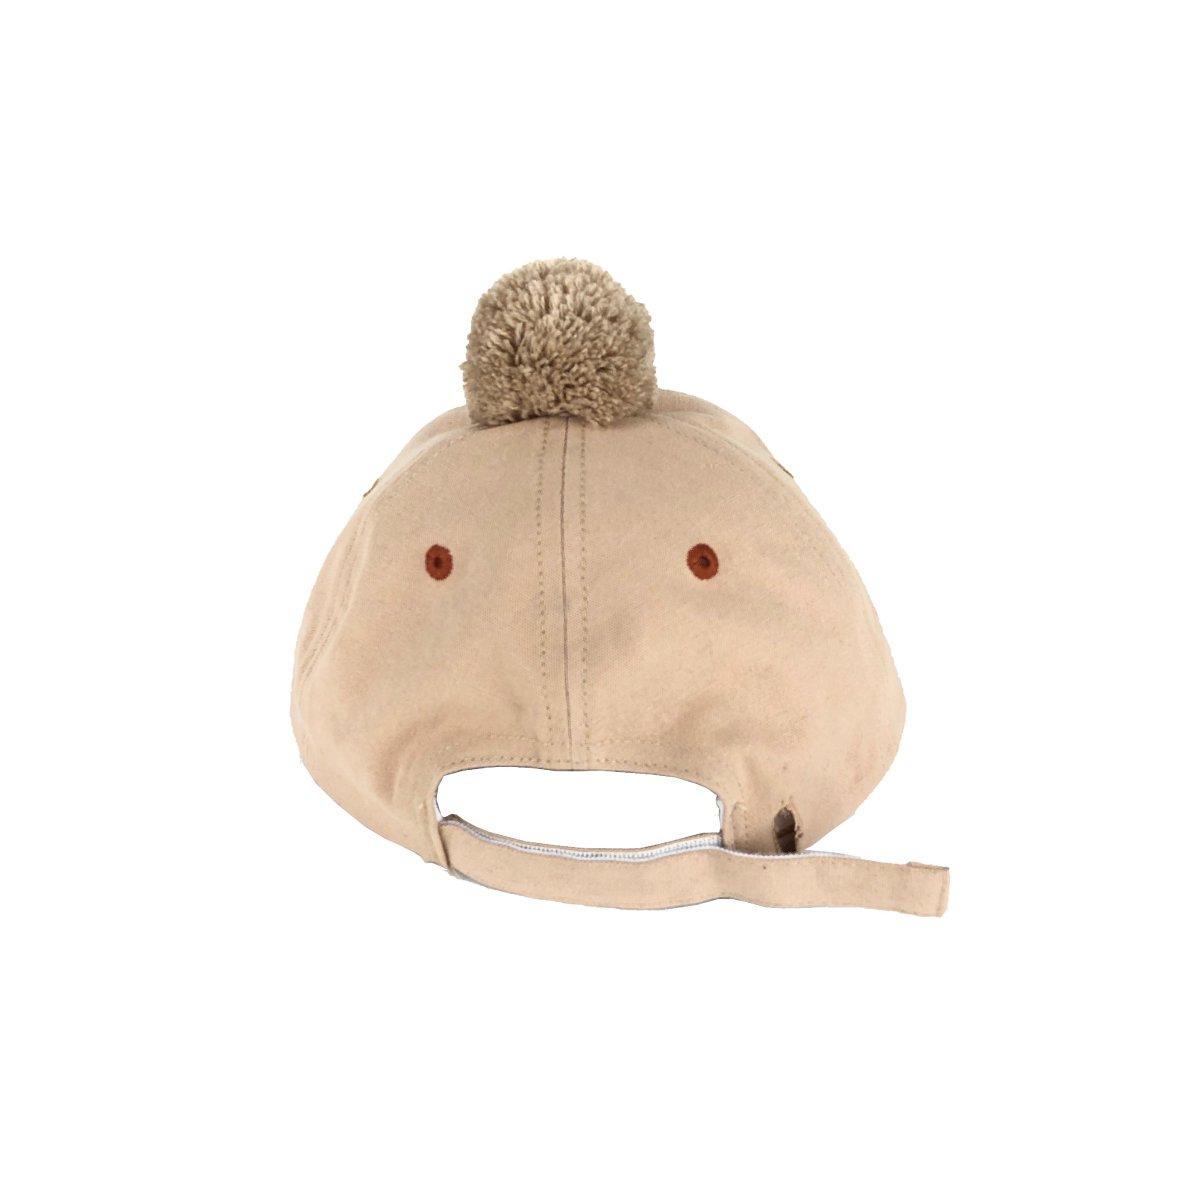 【BABY】Baby Dull Pon Cap 詳細画像11